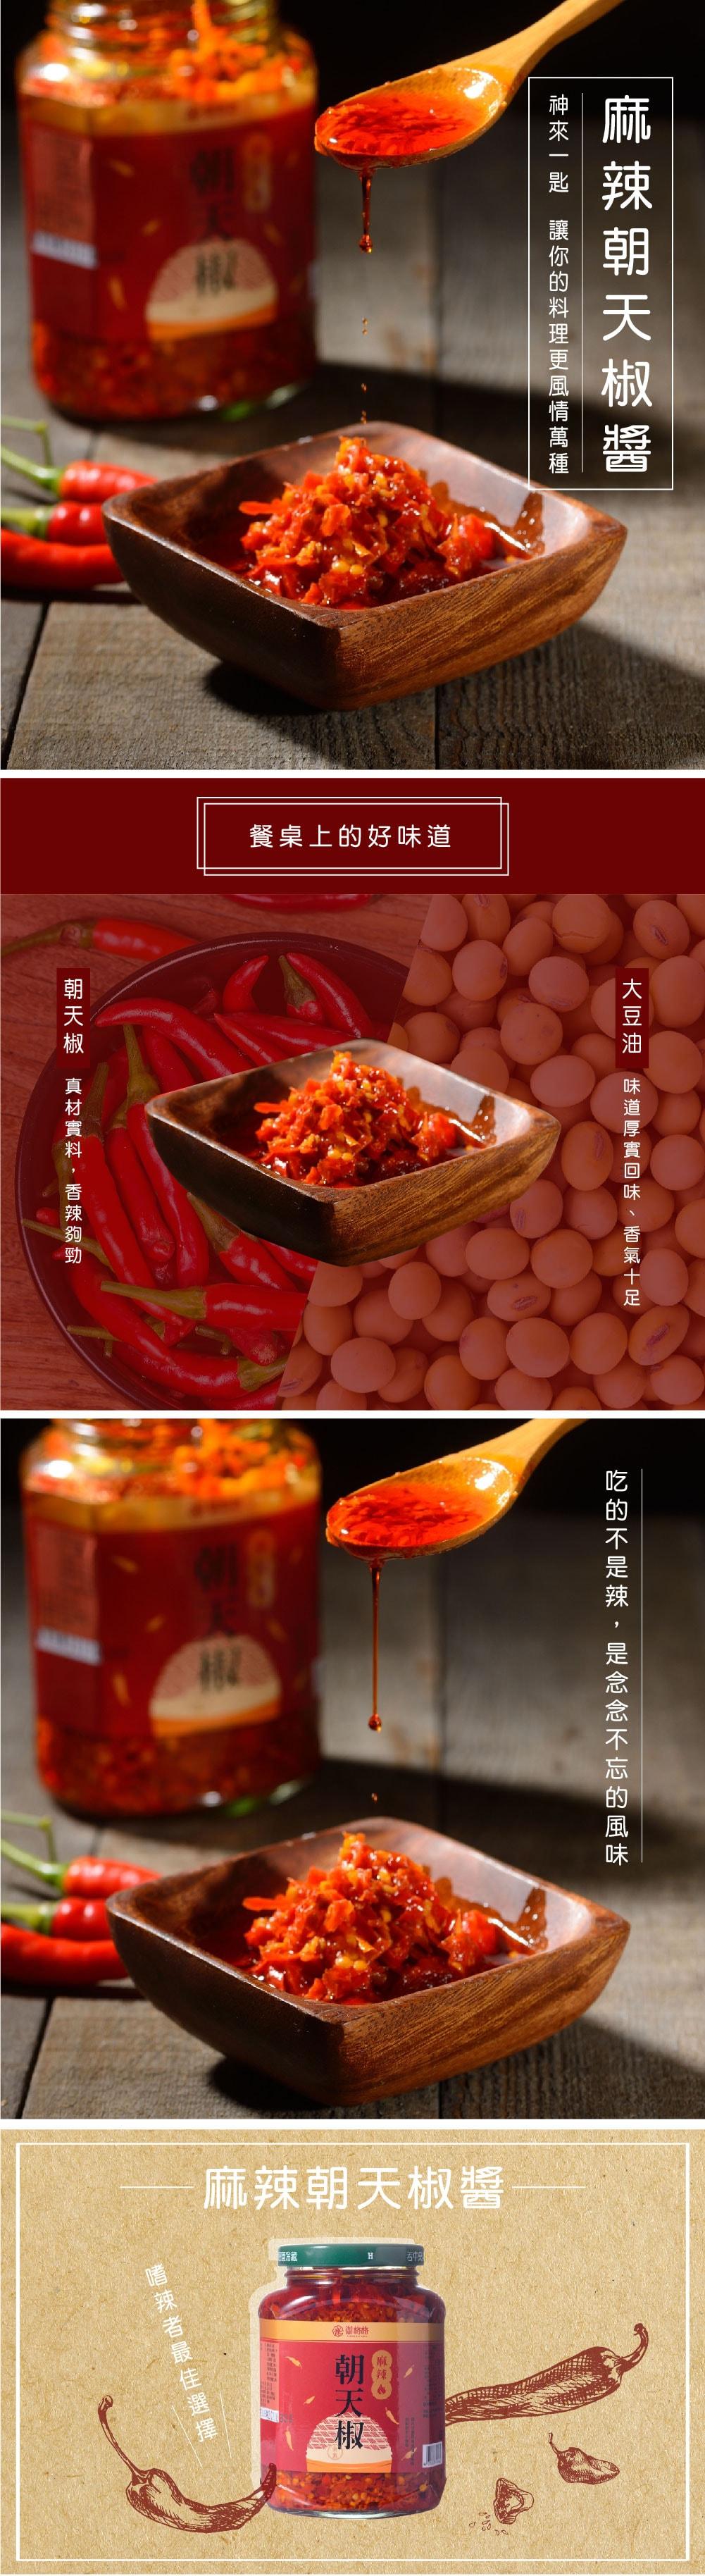 御格格-麻辣朝天椒-min